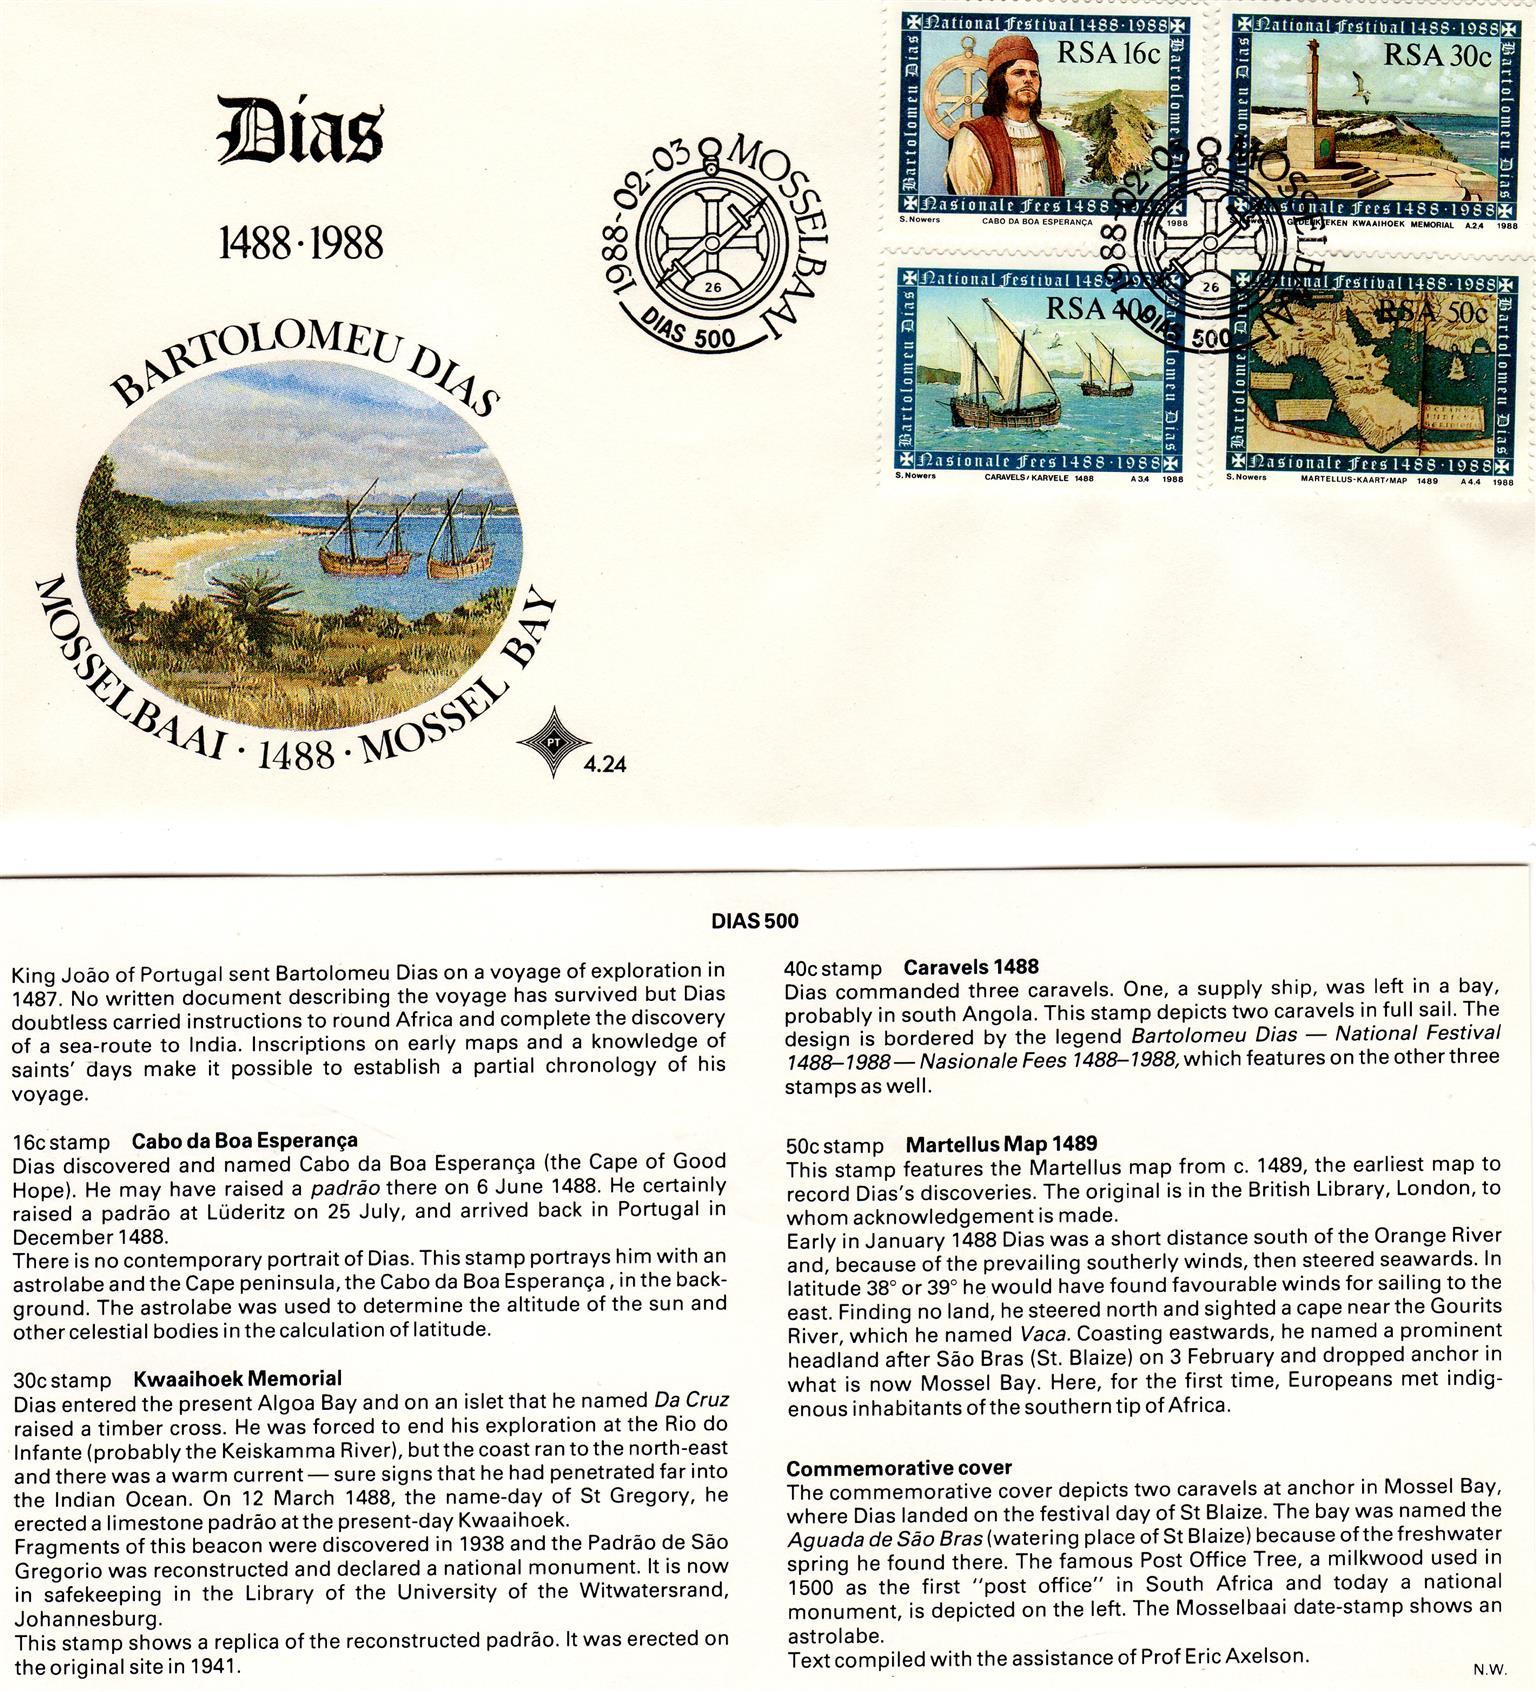 Commemorative Stamp & Envelope Set - Bartolomeu Dias 1988